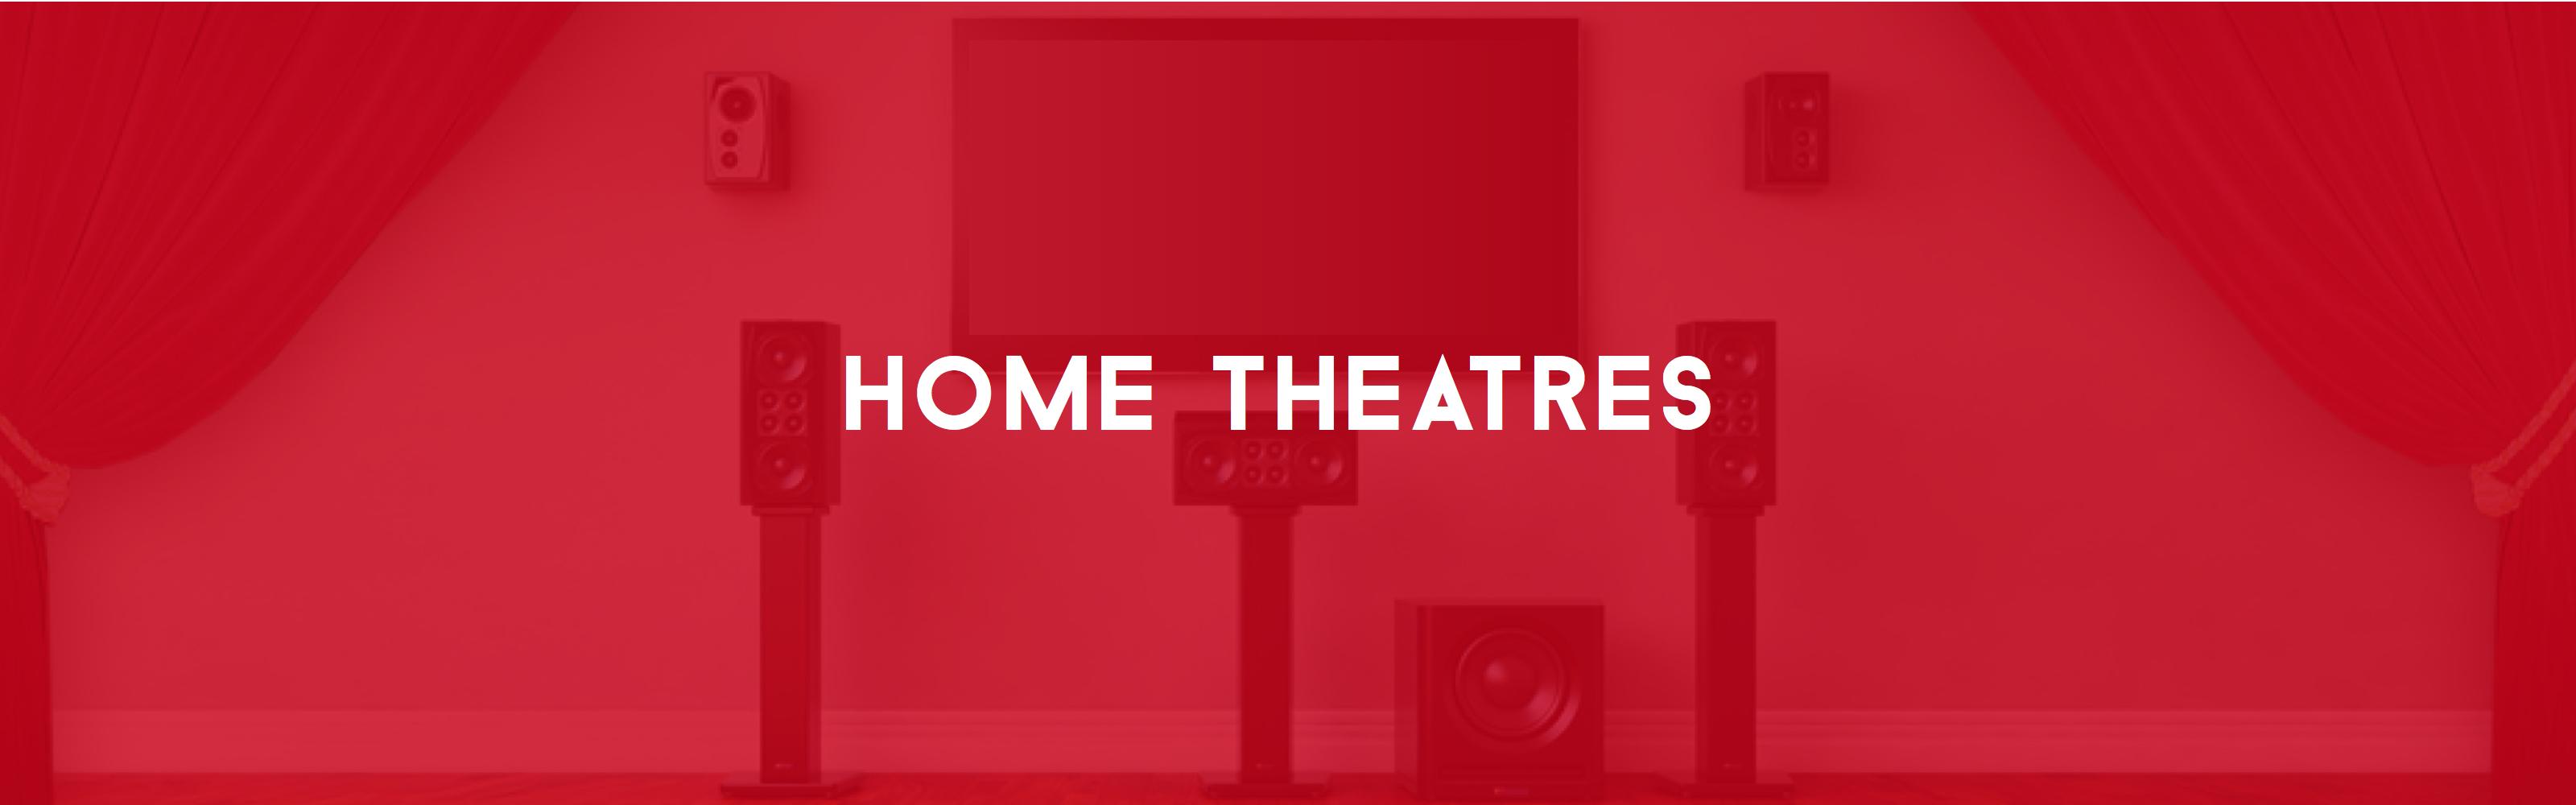 home-theatre@2x